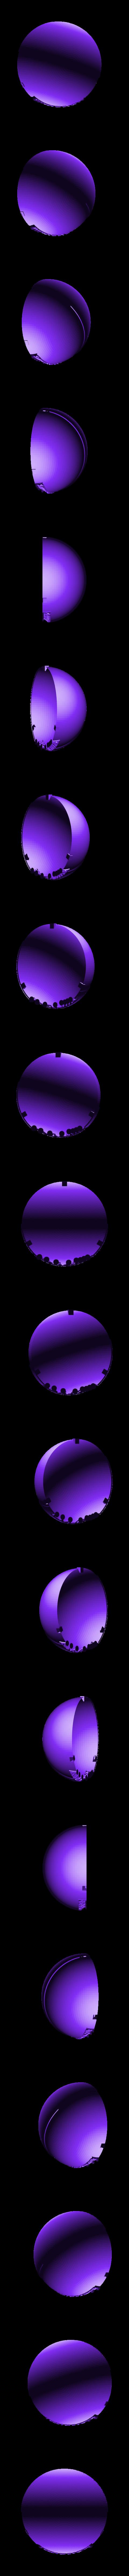 domev2.STL Télécharger fichier STL gratuit L'application Dome for Atnight • Modèle imprimable en 3D, Duveral